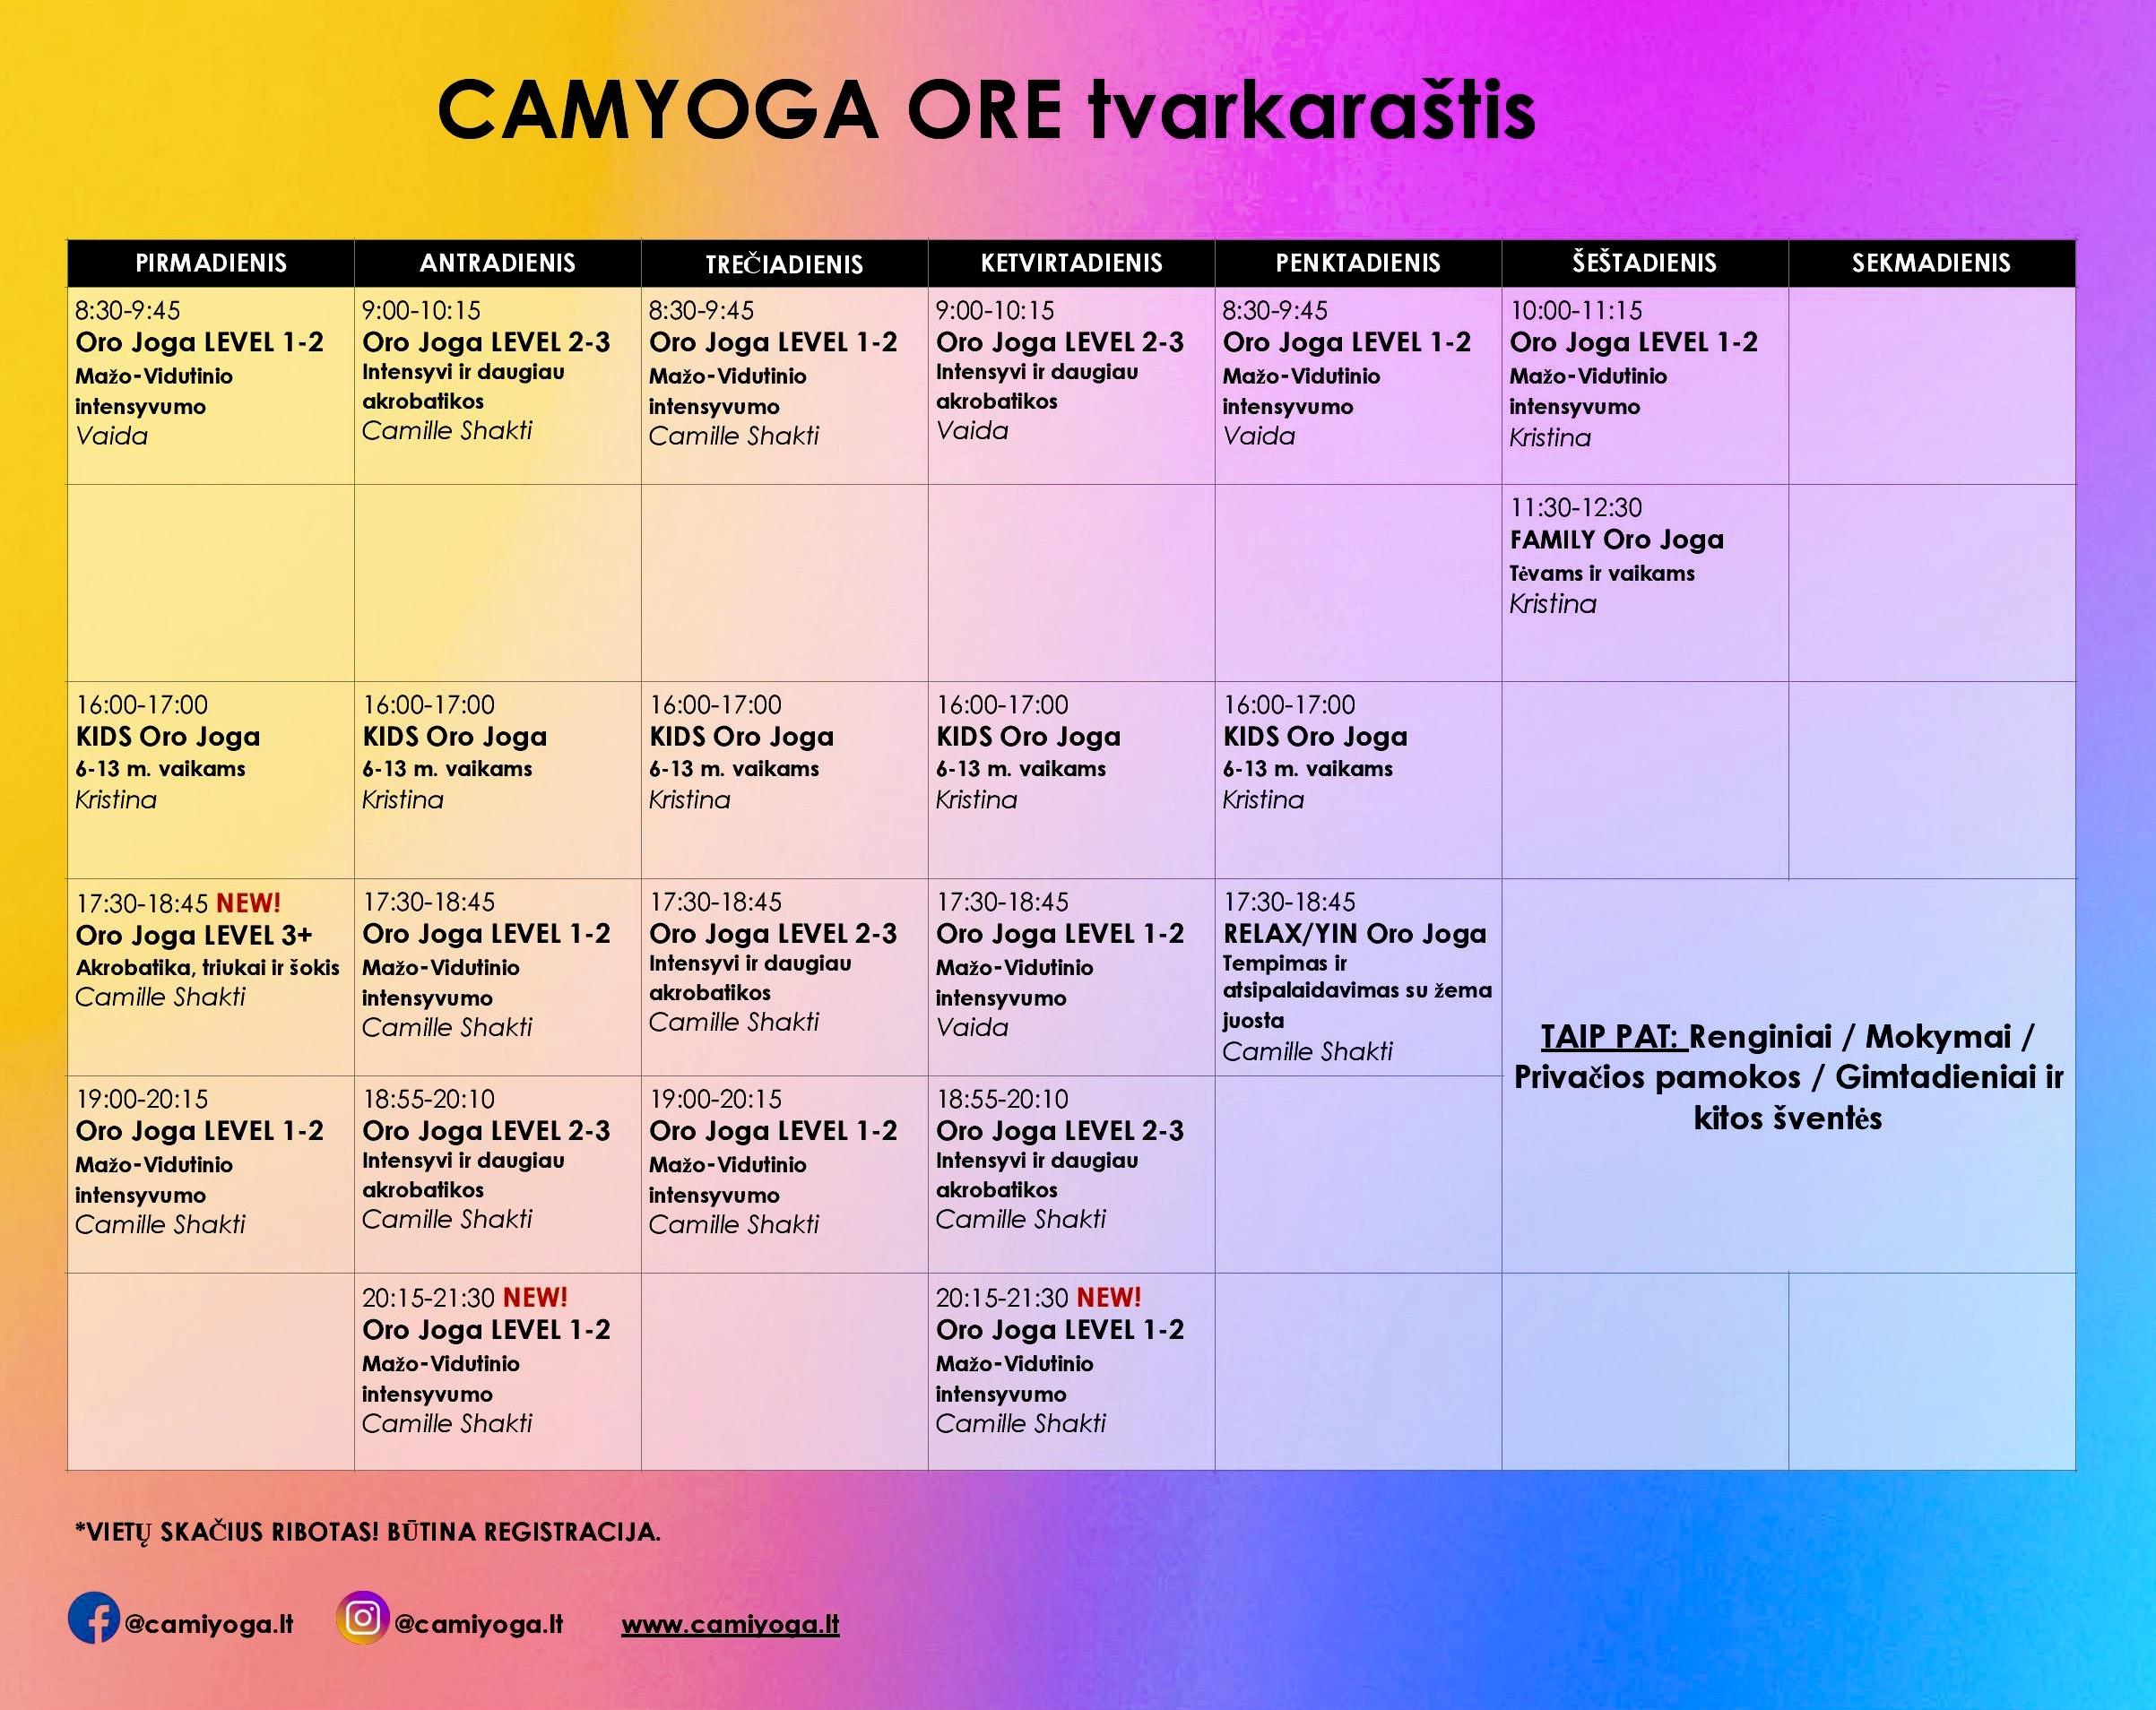 oro joga tvarkaraštis pamokos užsimėmimai